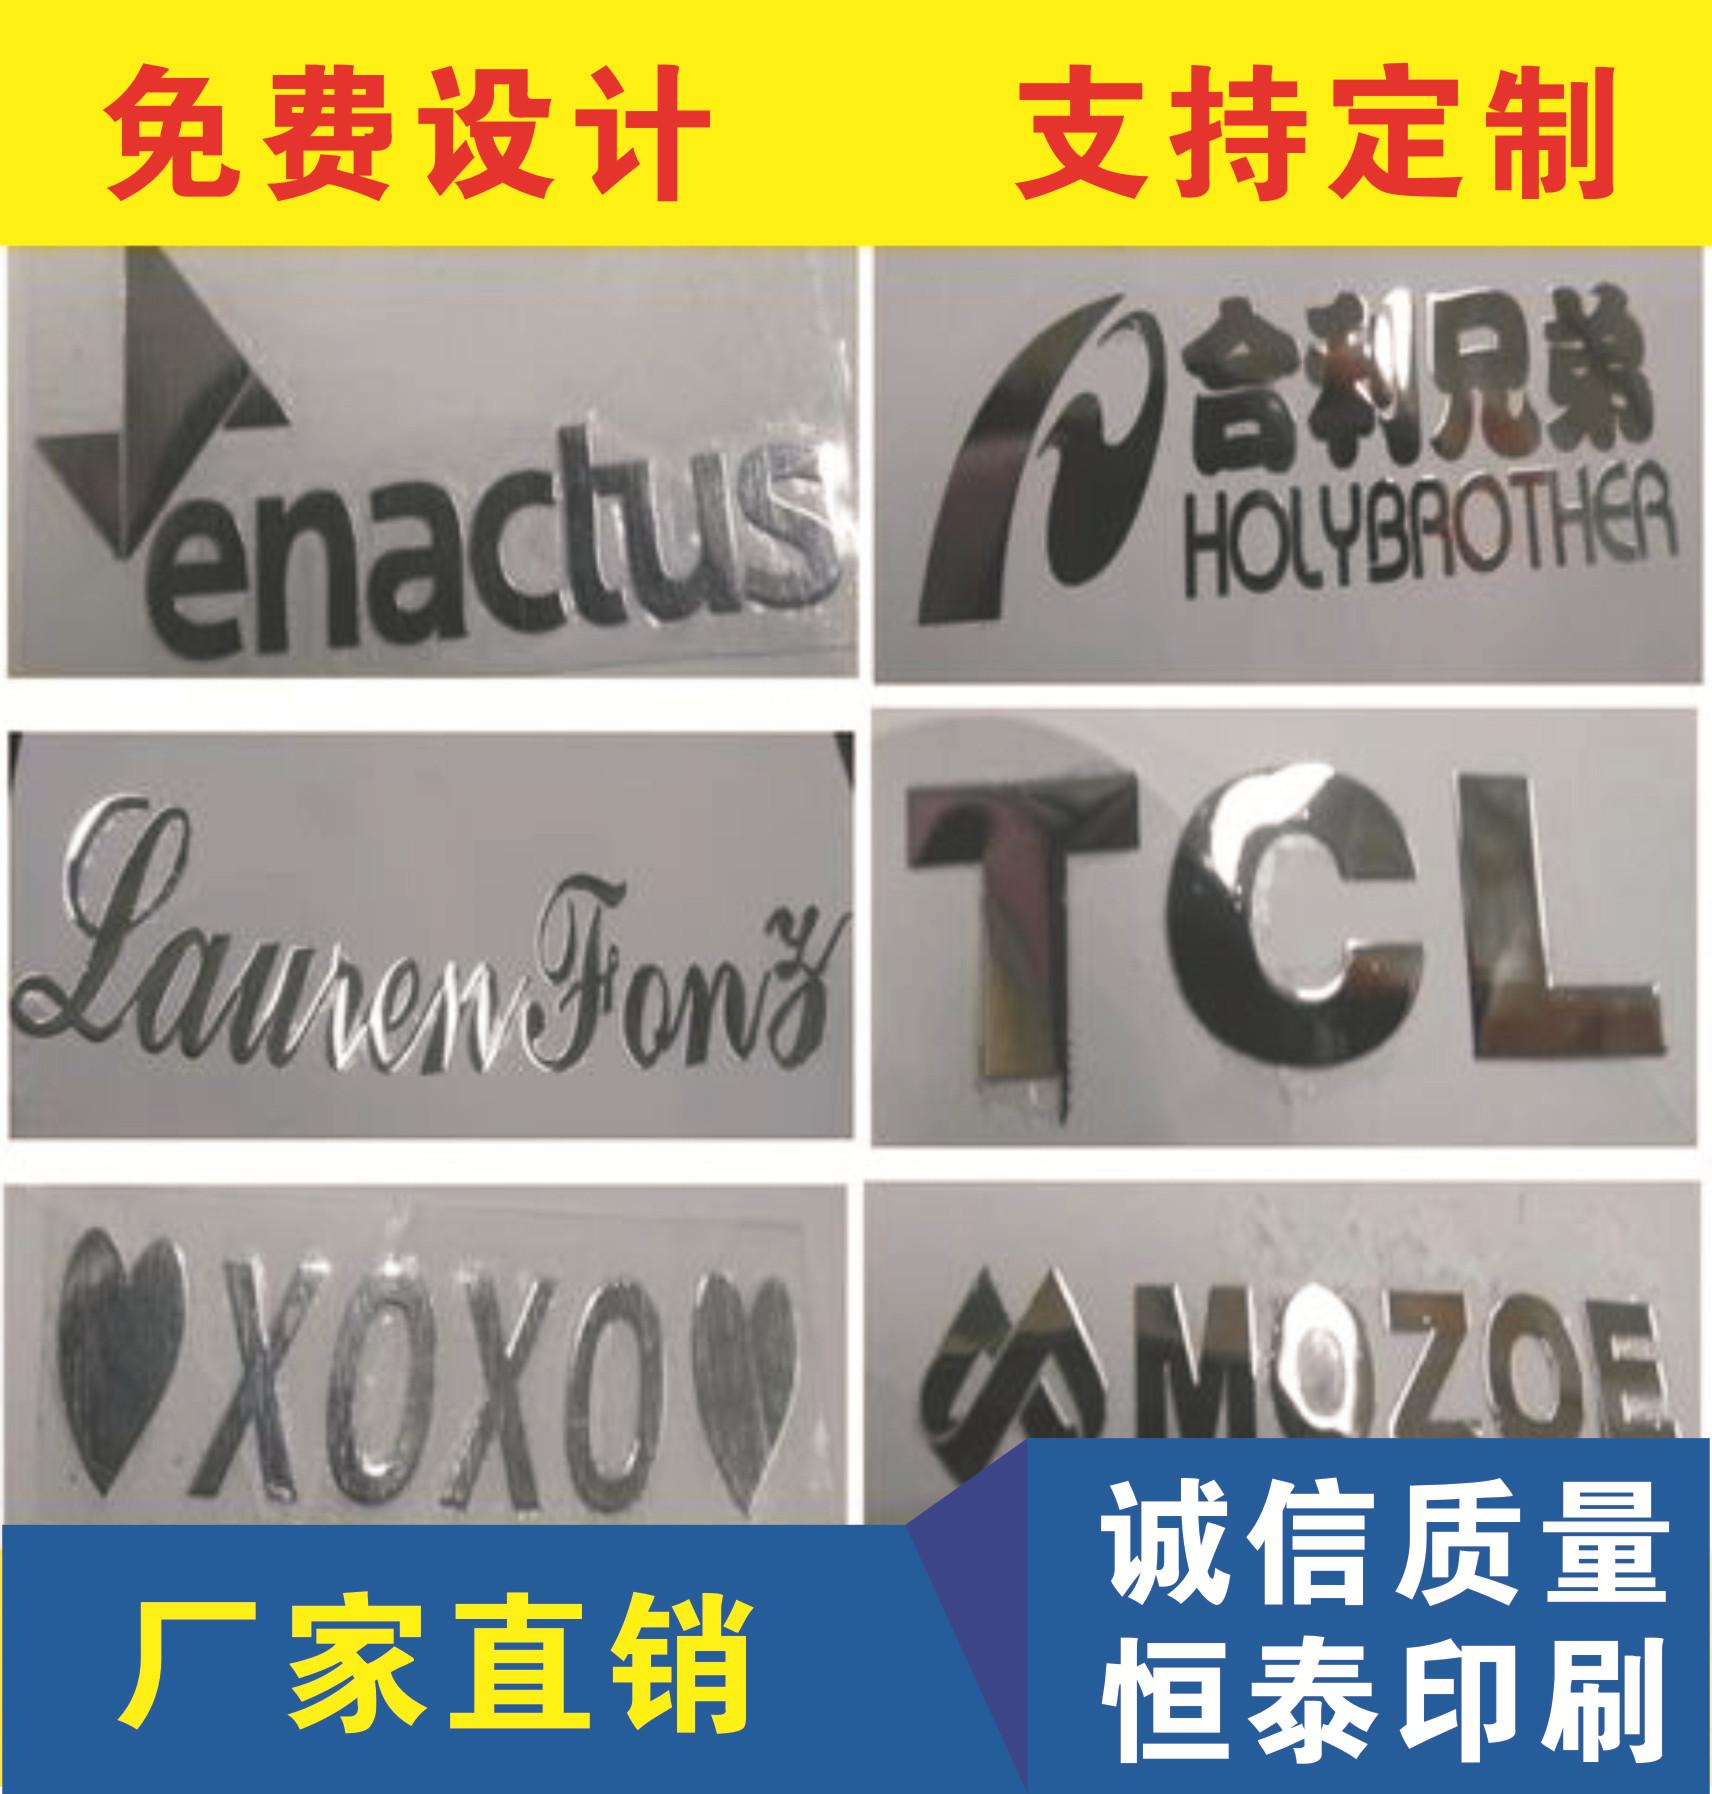 分离金属字贴纸标转印贴纸定制LOGO 标贴透明烫金贴纸定做商标